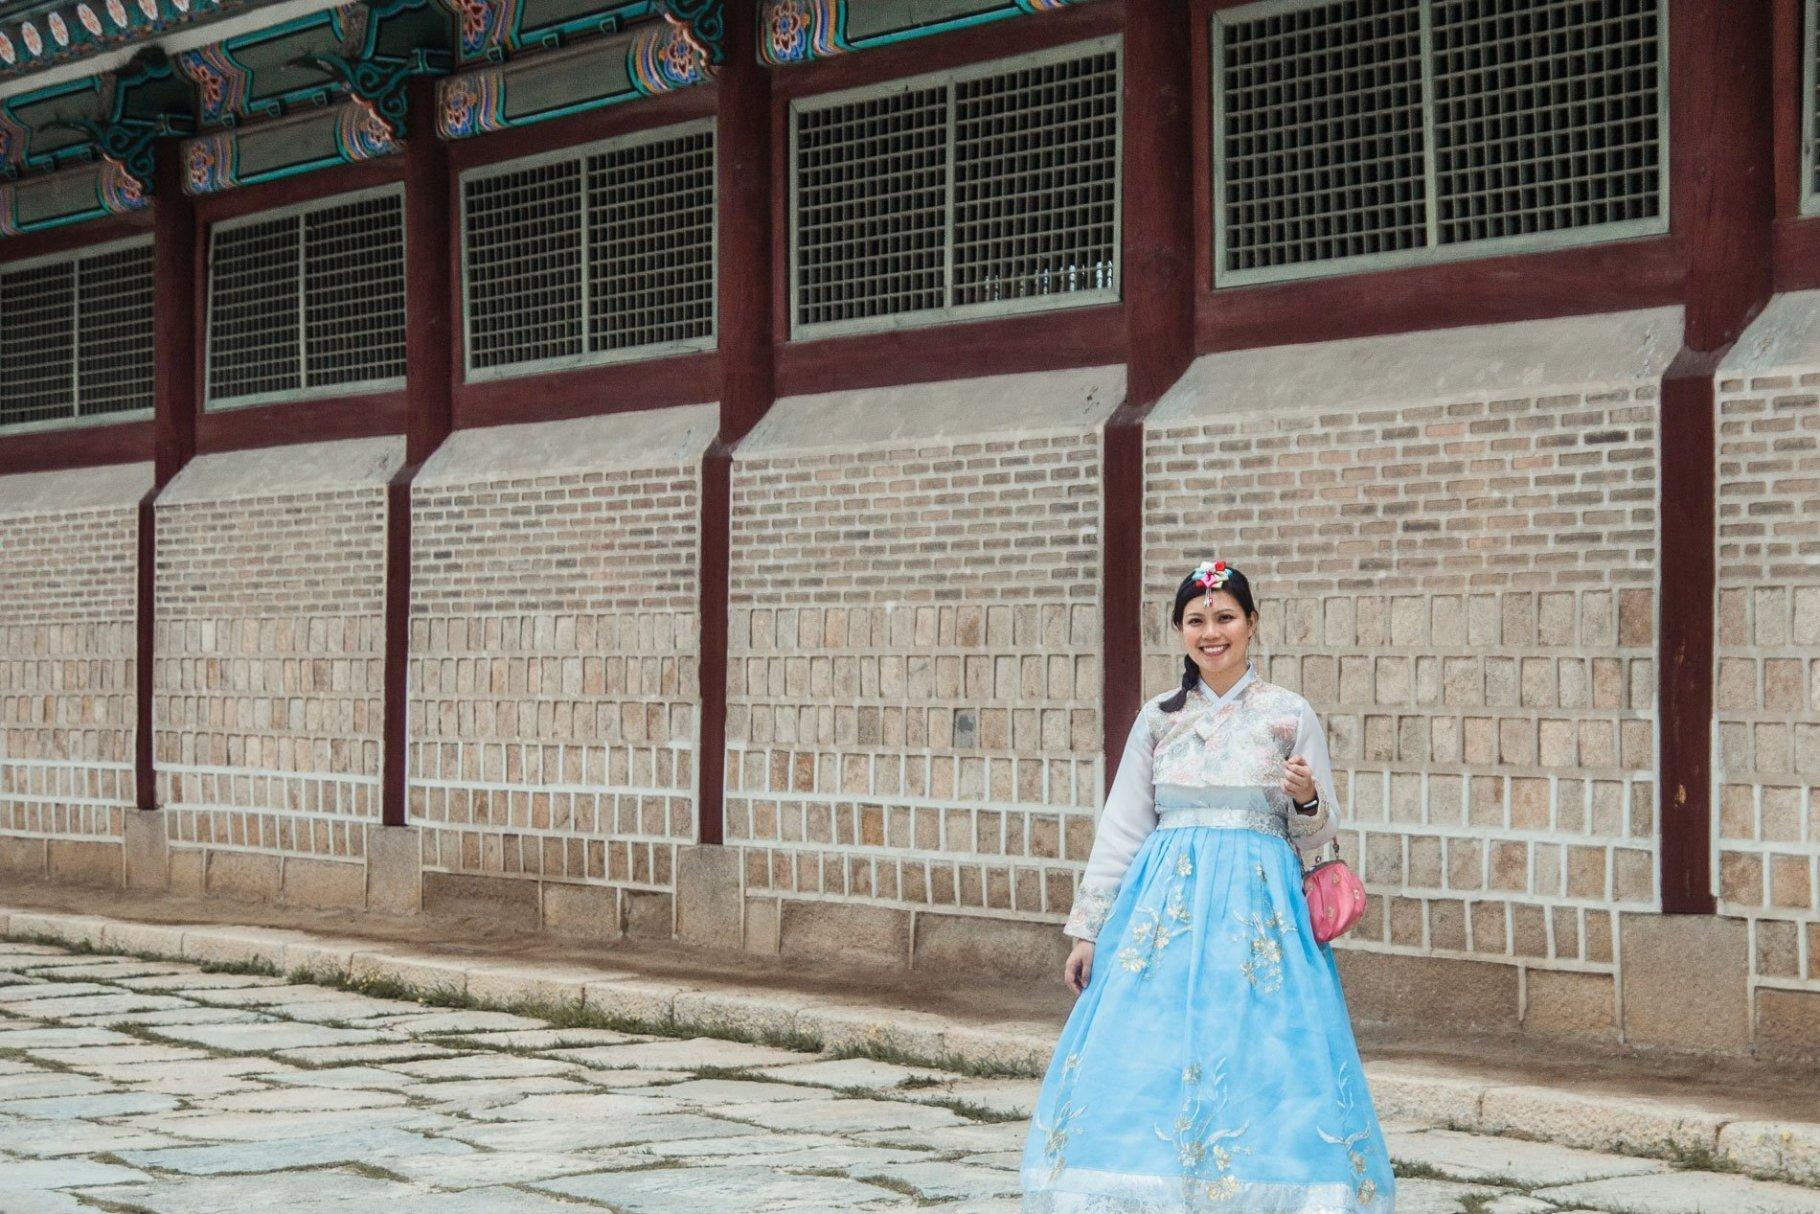 Gyeungbokgung Palace - Hanbok experience